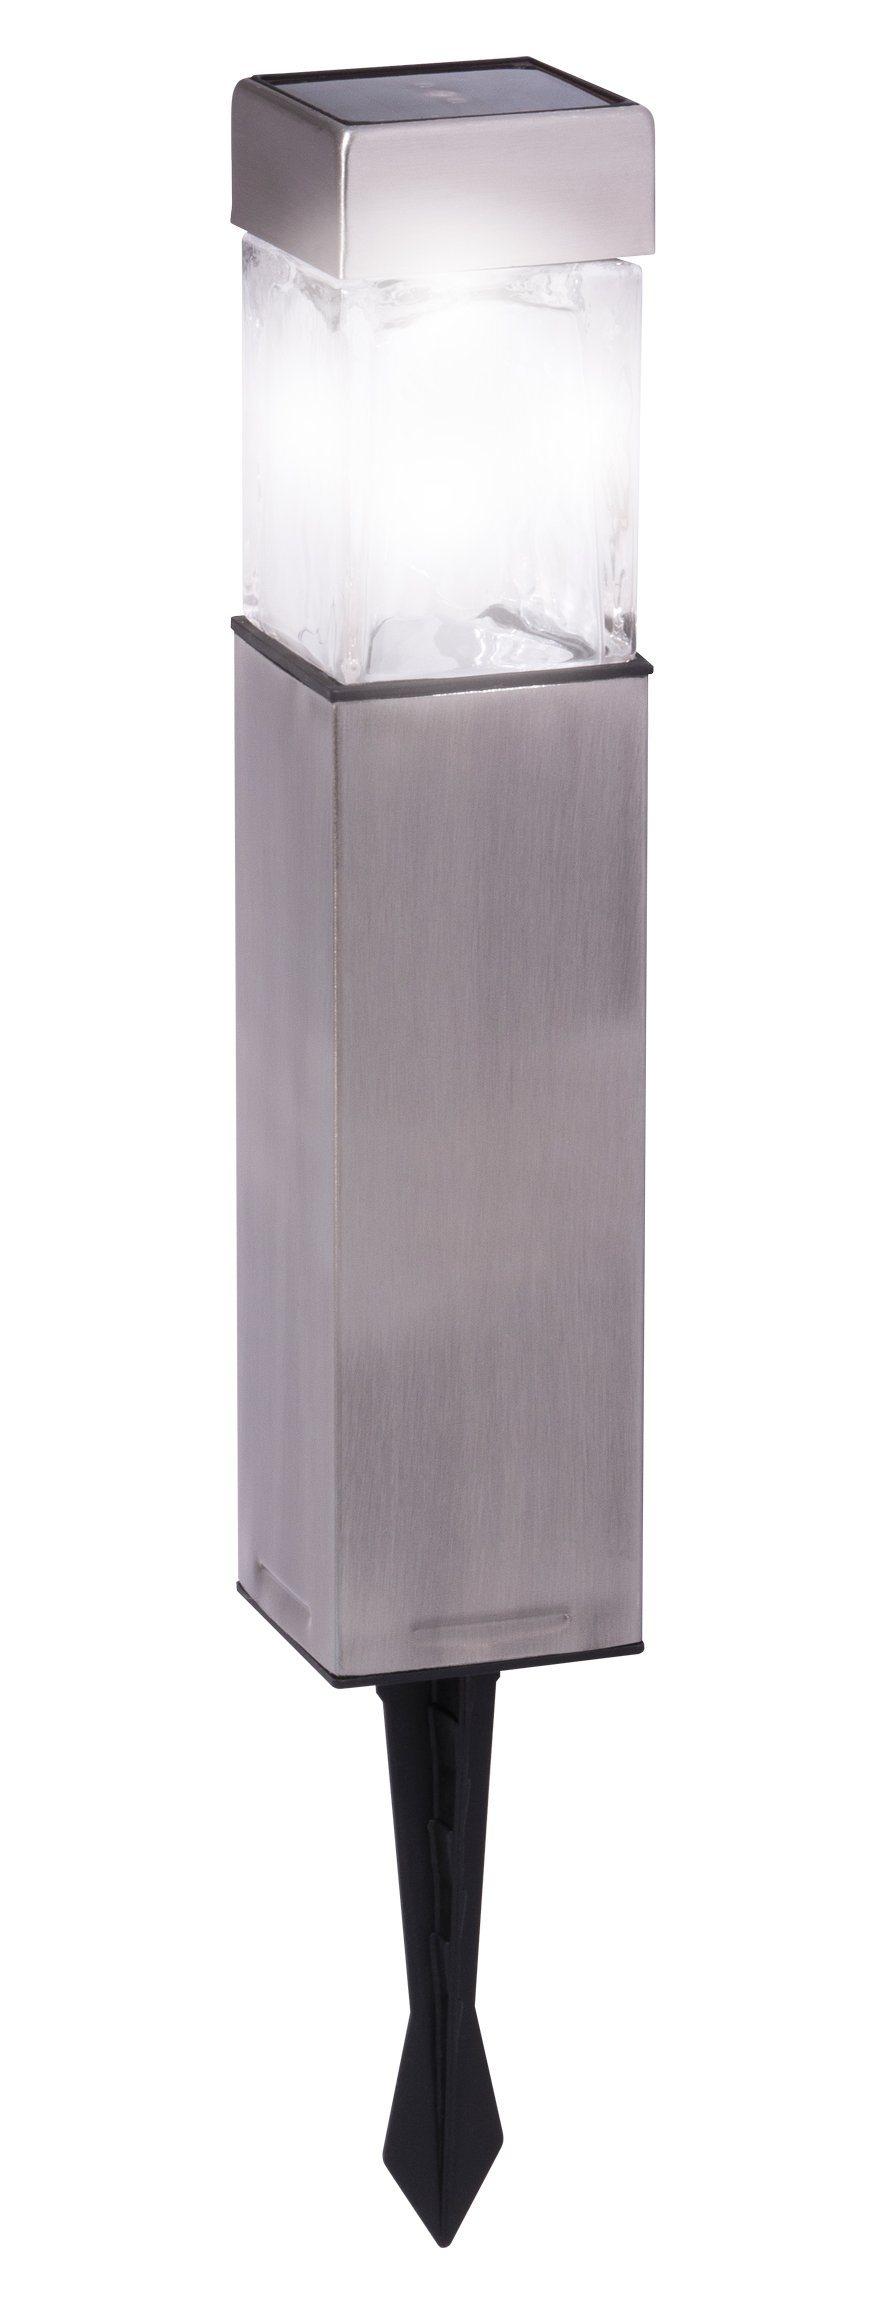 LED Solar Gartenlampe 4er Pack »GL004NP4DU 5 Lumen«